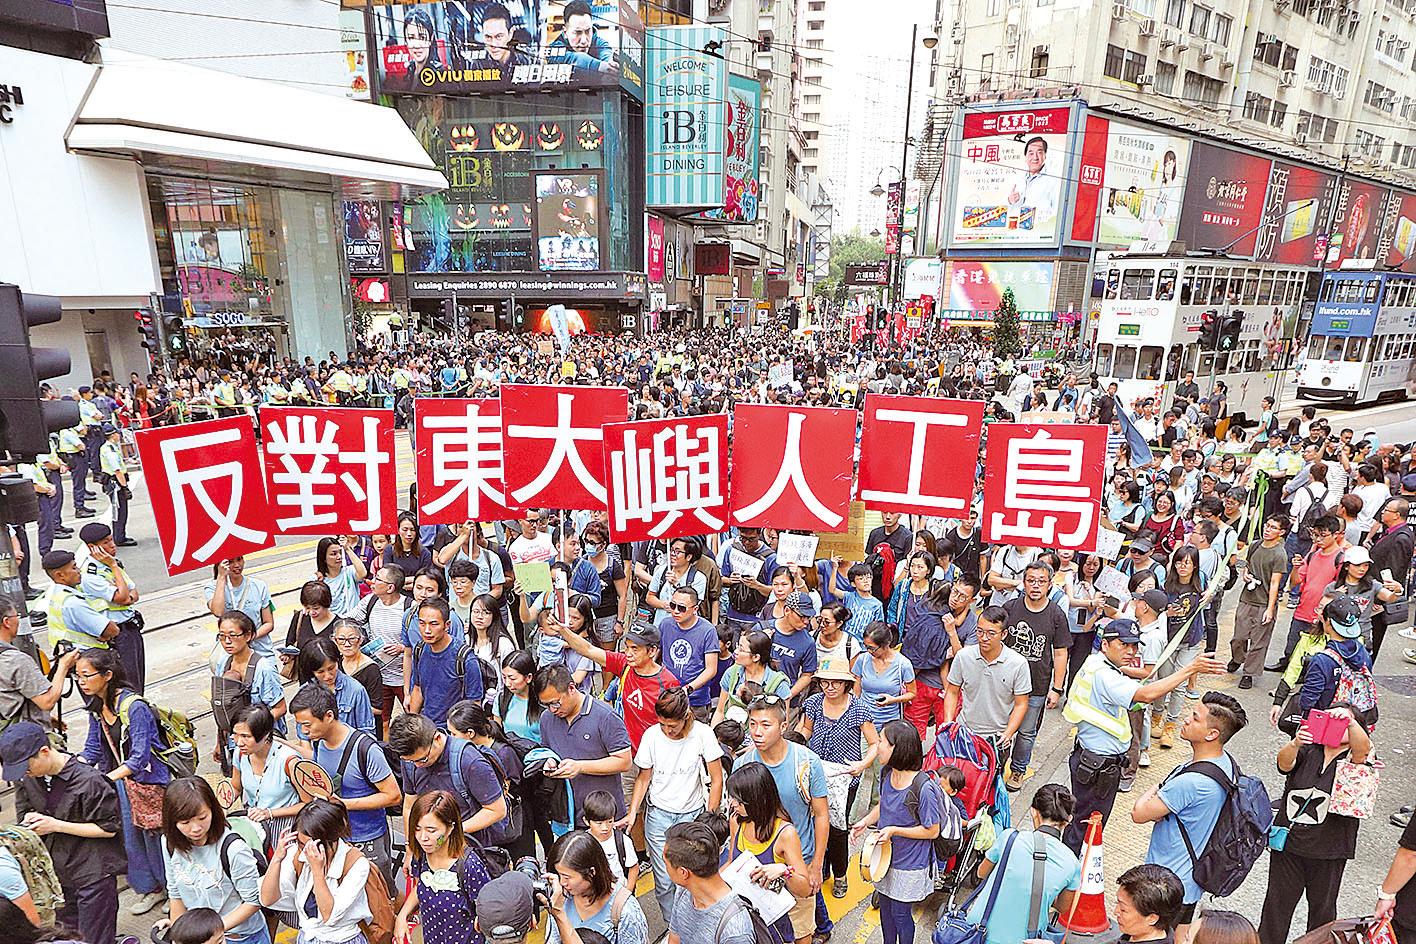 2018年10月13日,近萬名市民遊行反對「明日大嶼」計劃。(大紀元資料圖片)